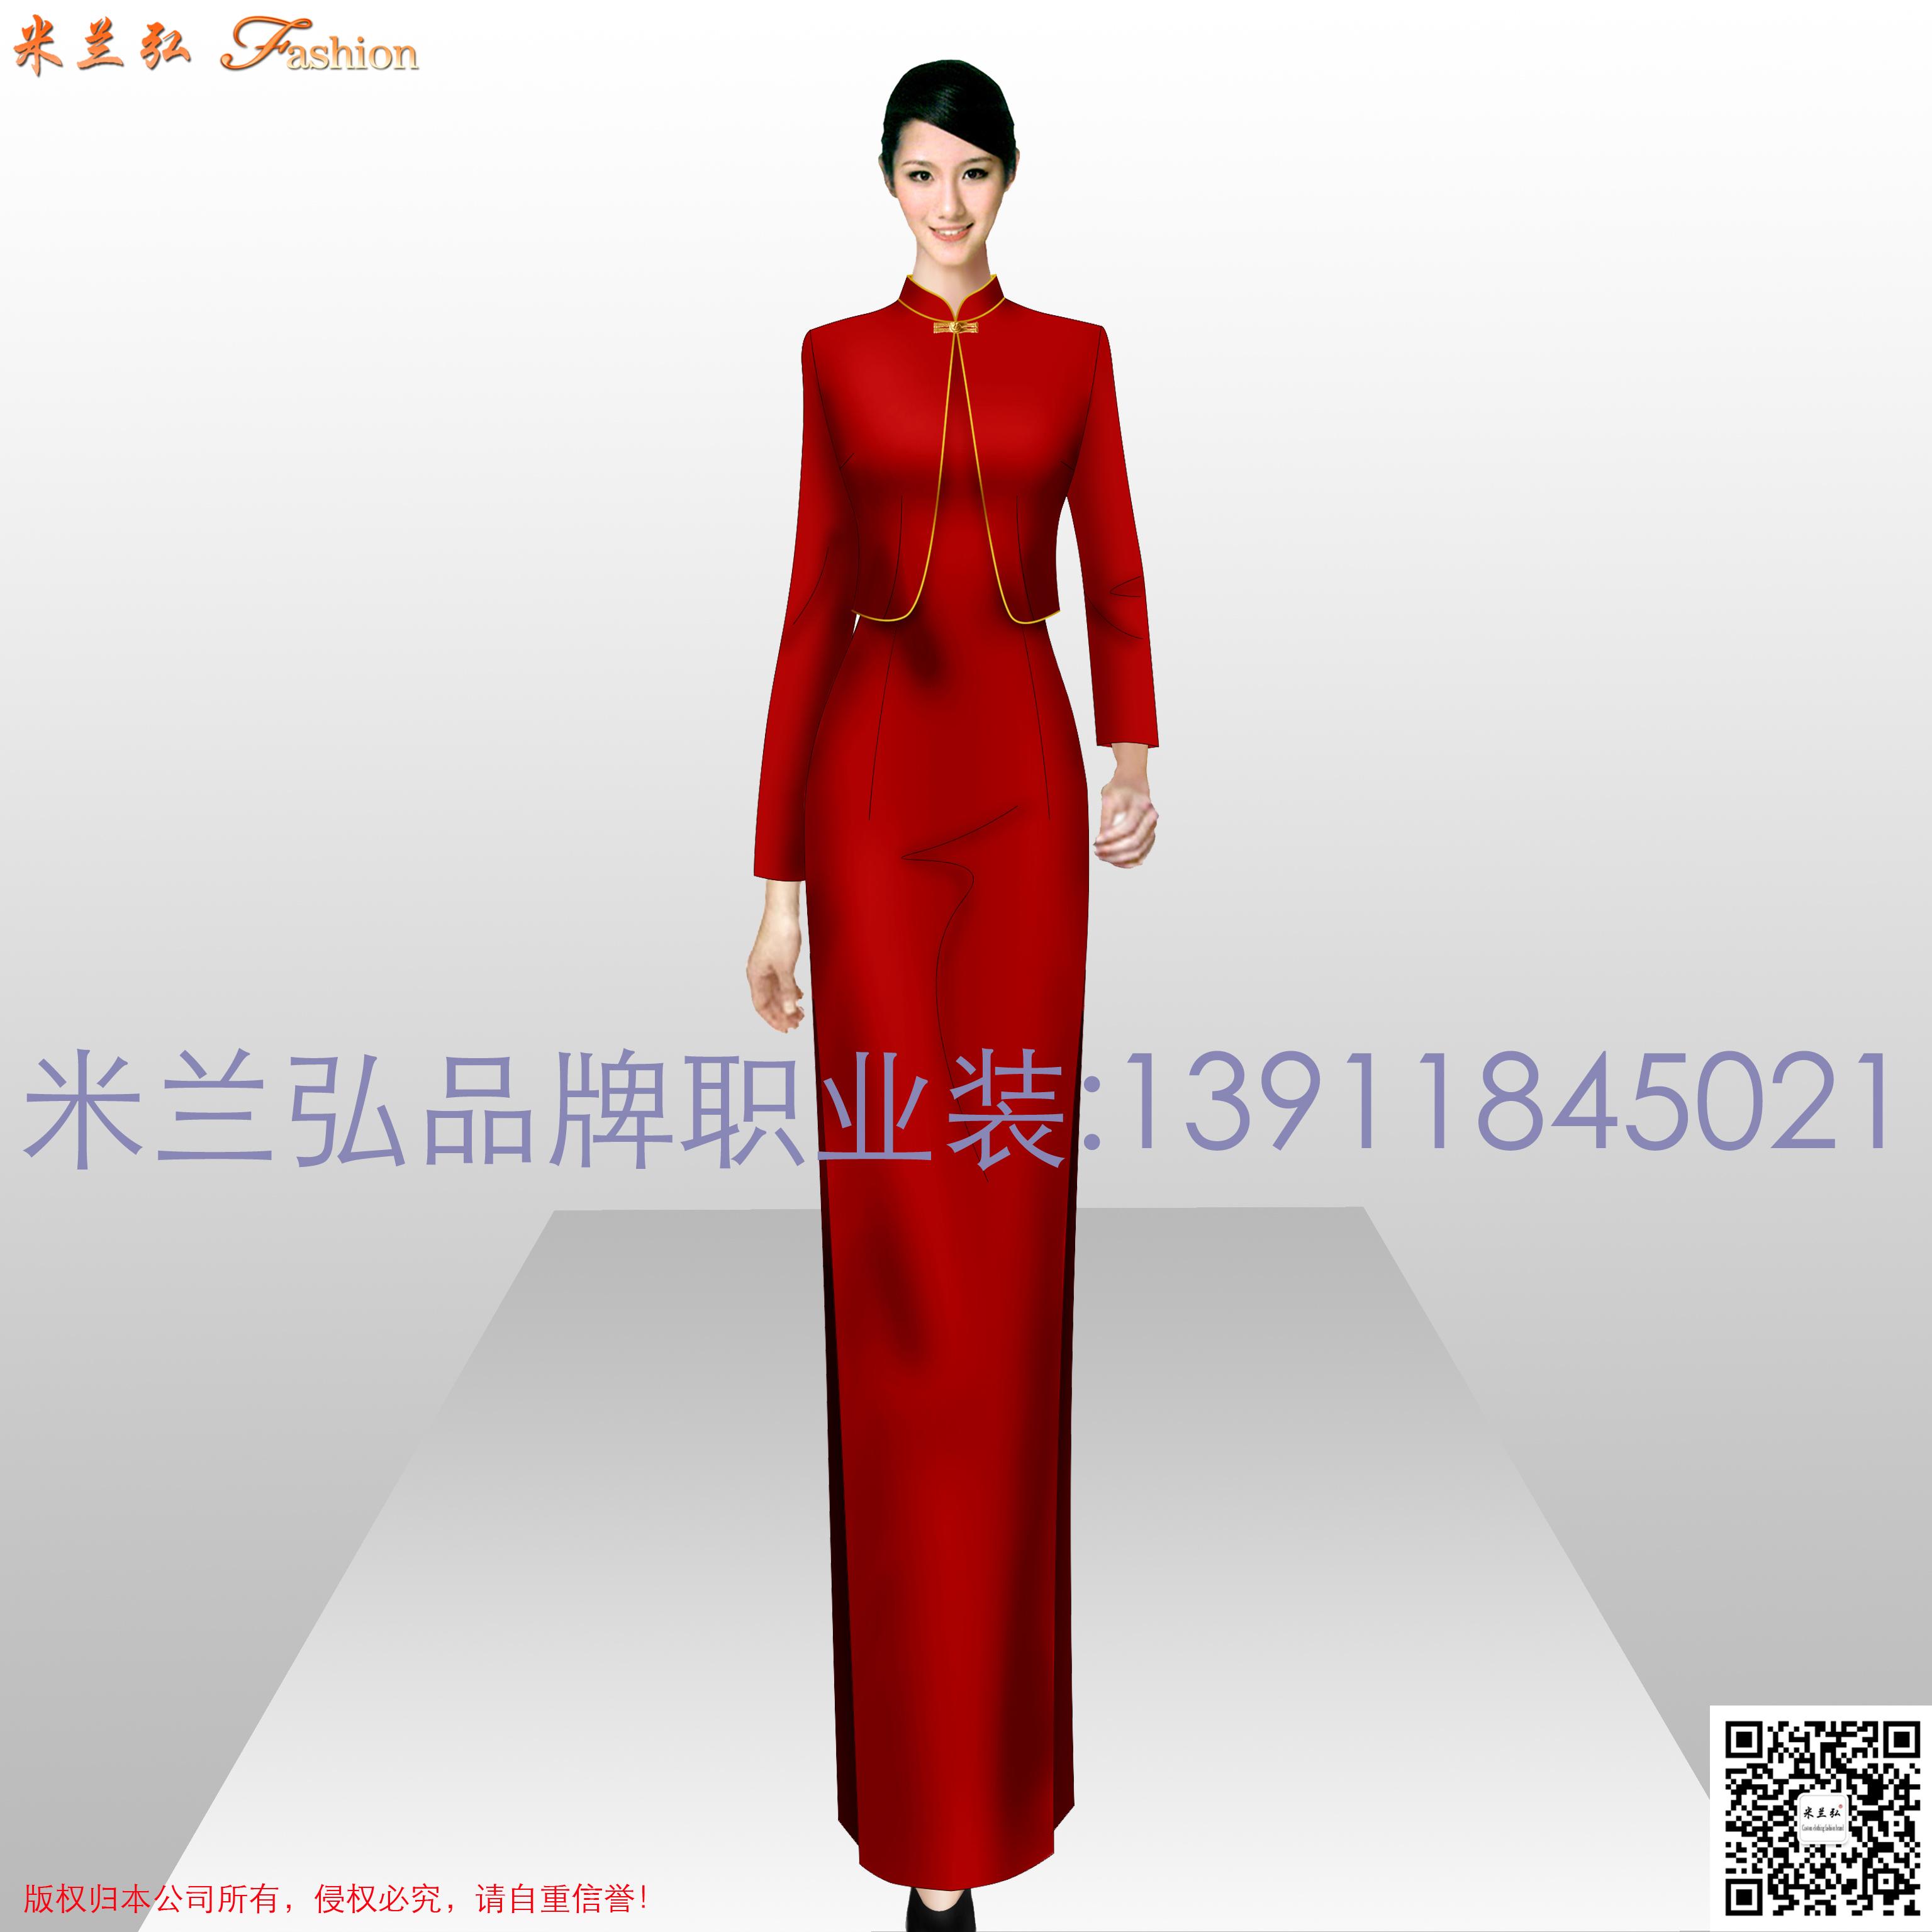 「中式旗袍定制」「古典旗袍訂制」-米蘭弘品牌服裝-2